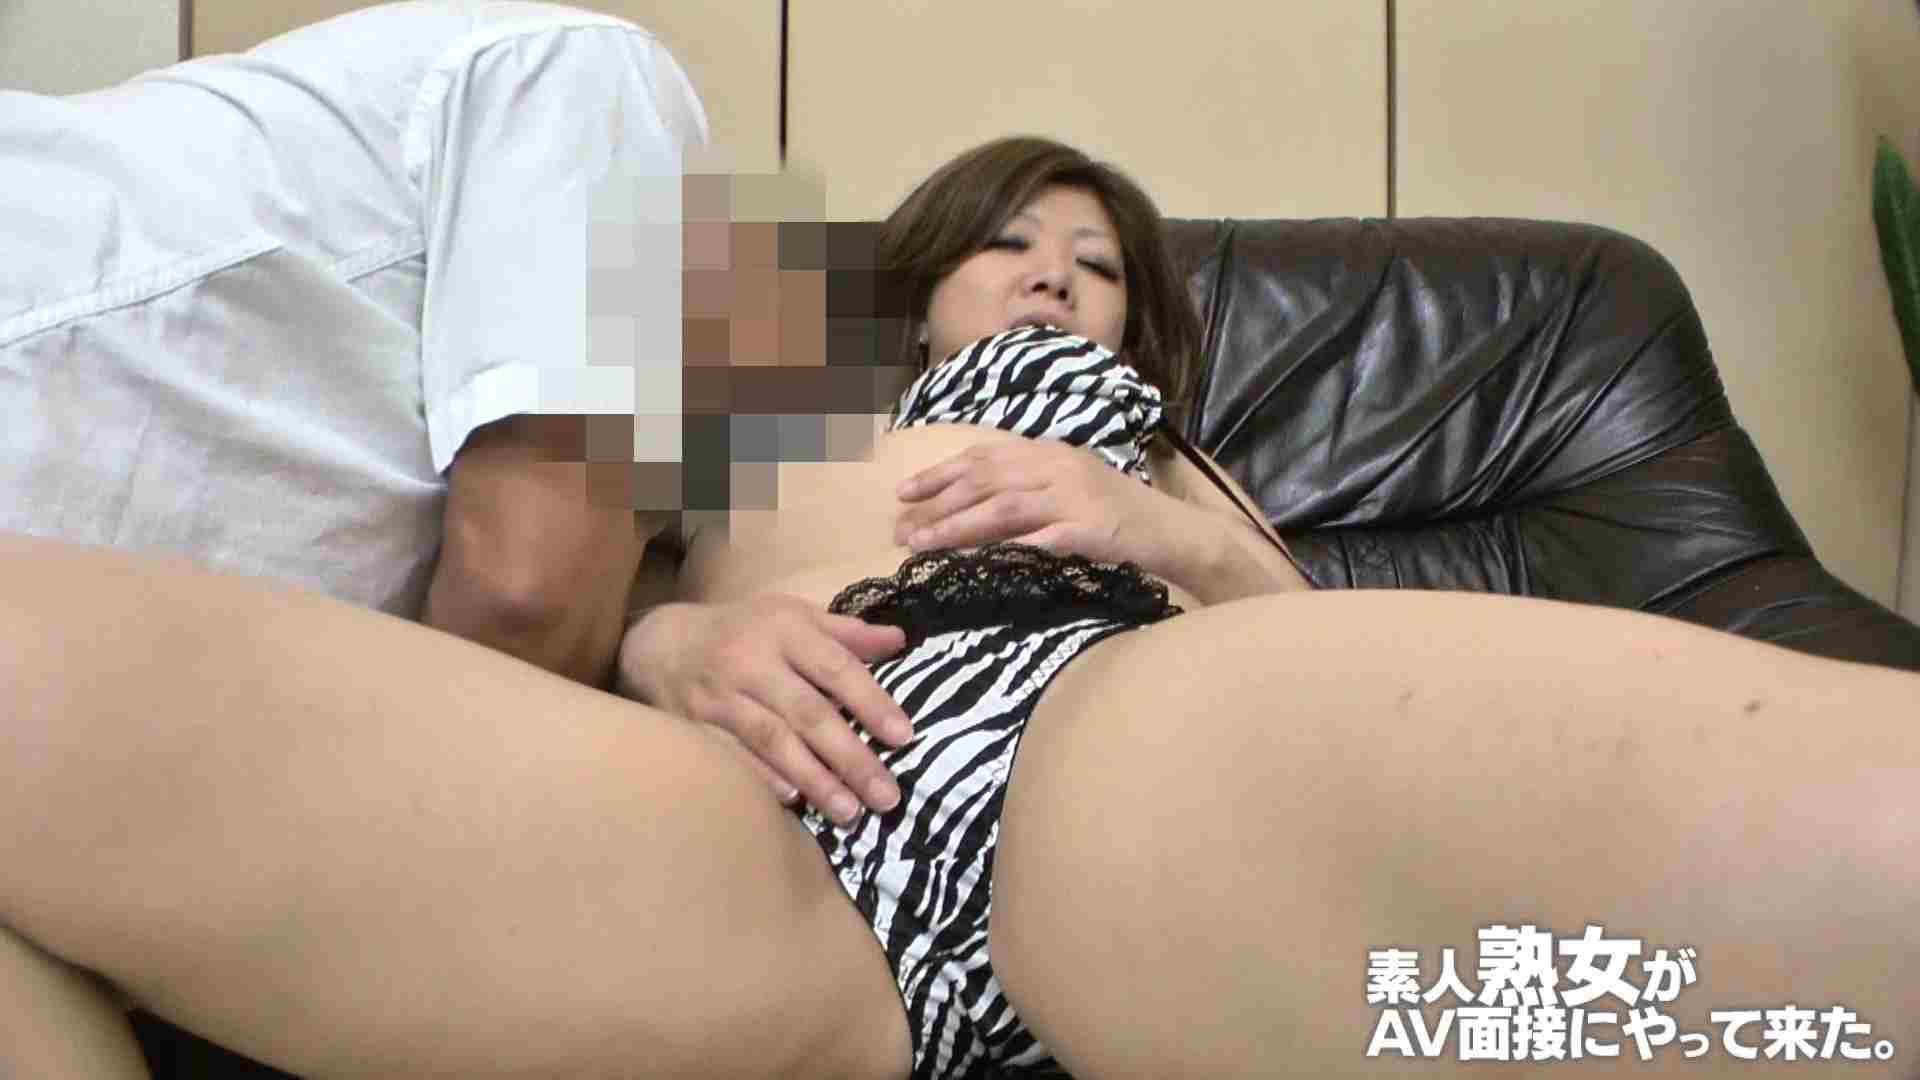 素人熟女がAV面接にやってきた (仮名)ゆかさんVOL.03 セックス   素人達のヌード  60連発 51